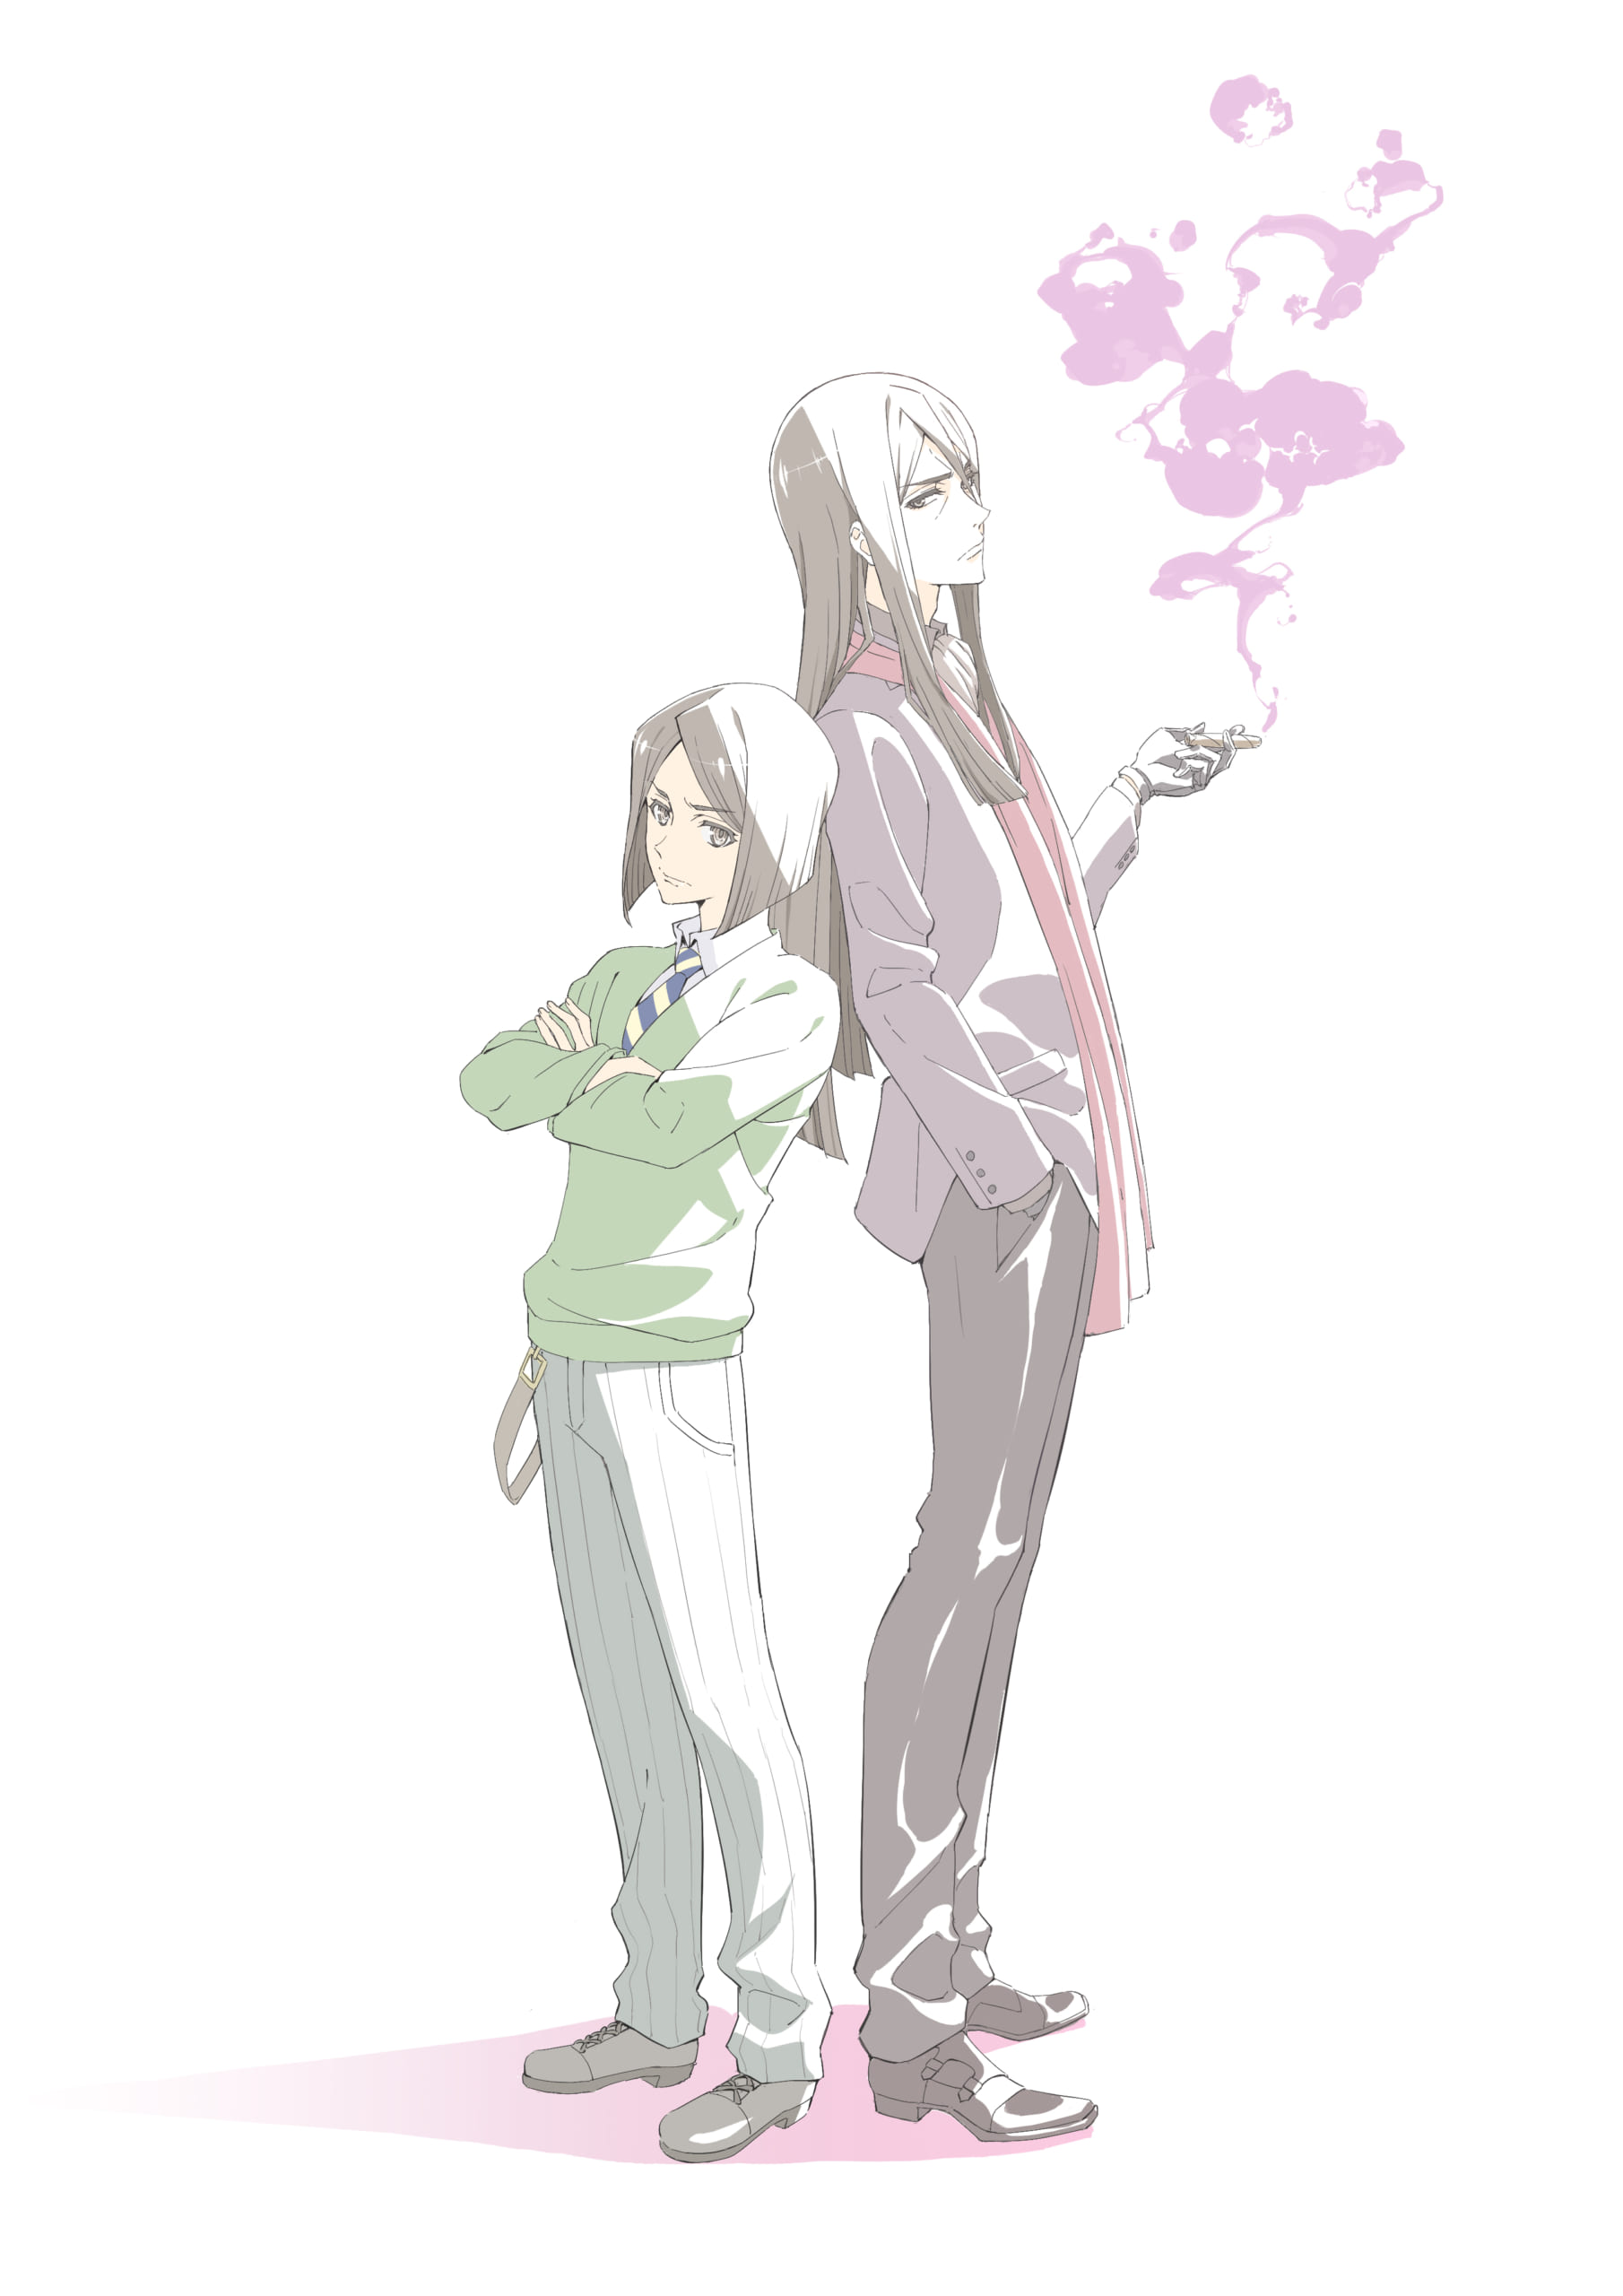 アニメ「ロード・エルメロイⅡ世の事件簿」特別編制作決定!「今から待ち遠しい」「死ぬほど嬉しいです…」